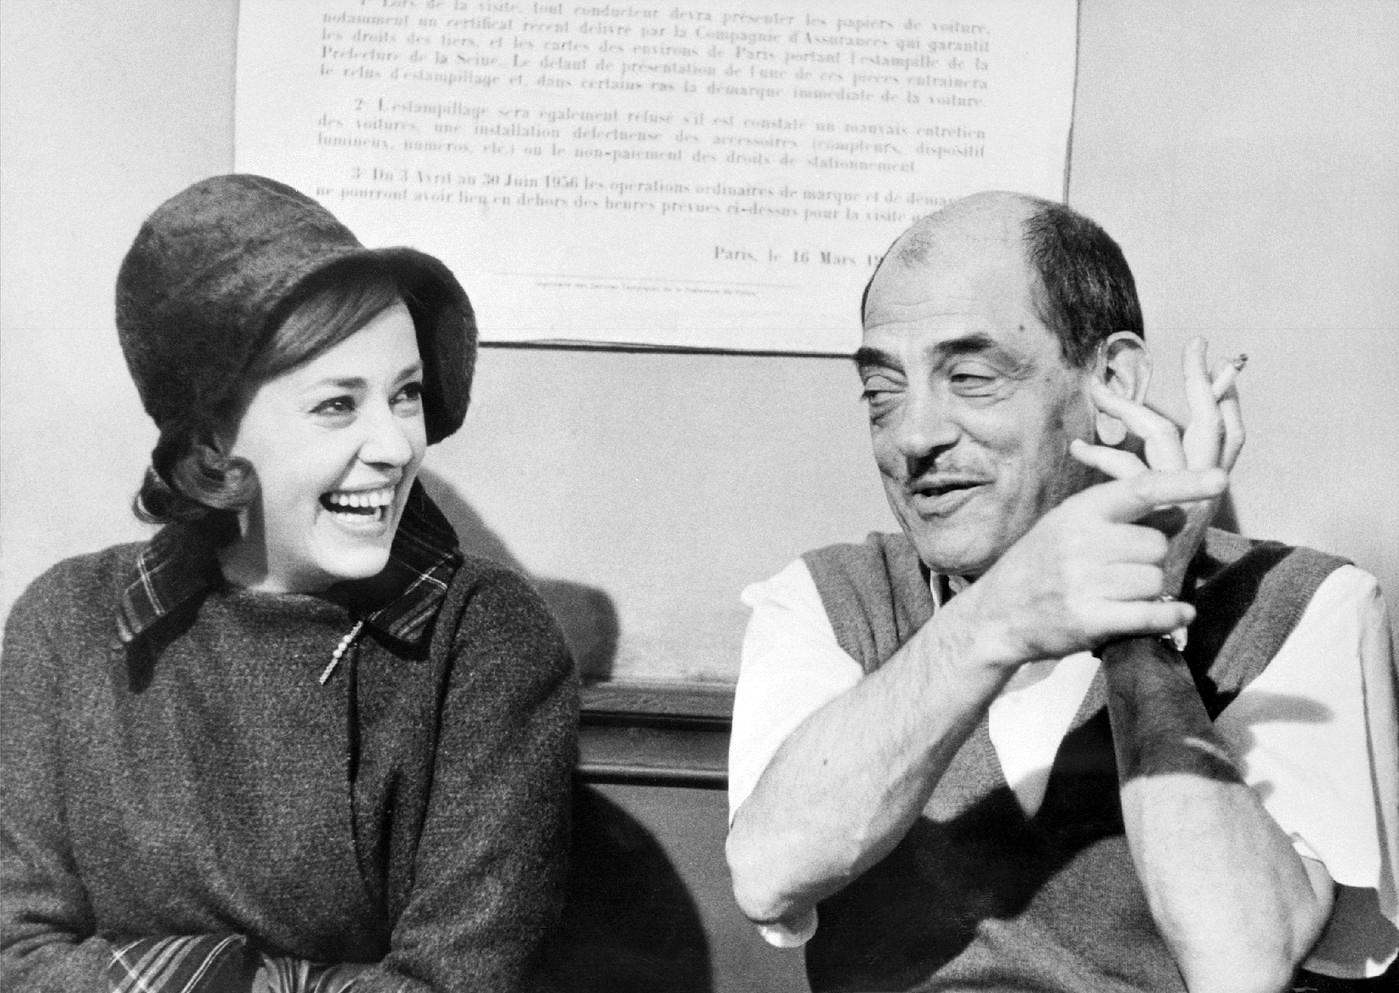 metteur-scene-espagnol-luis-bunuel-posel-actrice-francaise-jeanne-moreaule-tournage-journal-femme-chambre-janvier-1964_0_1399_993.jpg